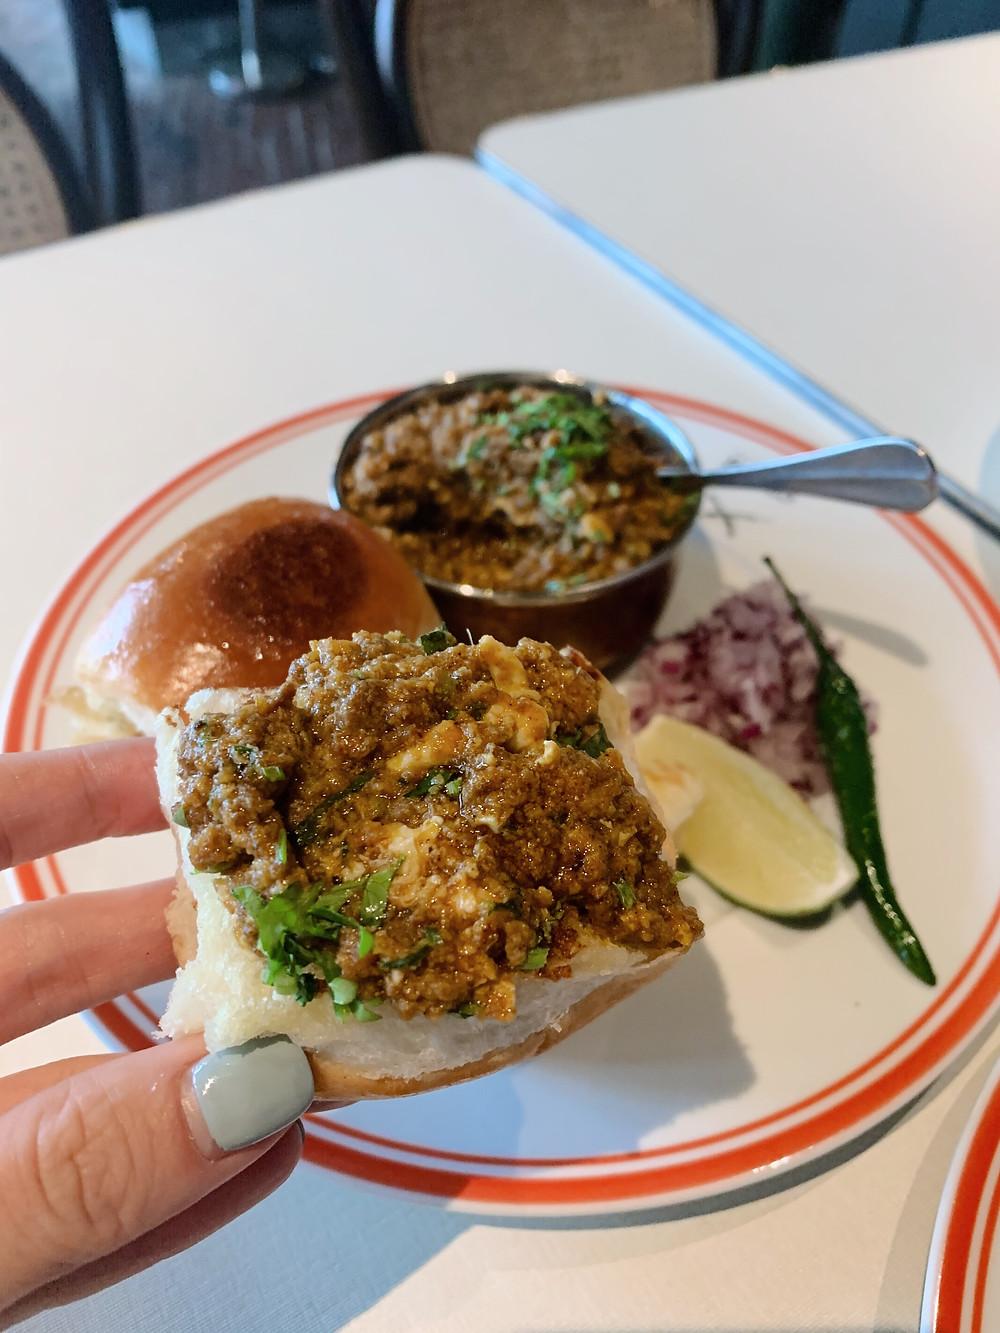 Food at Rajasthan Rifles restaurant in Hong Kong